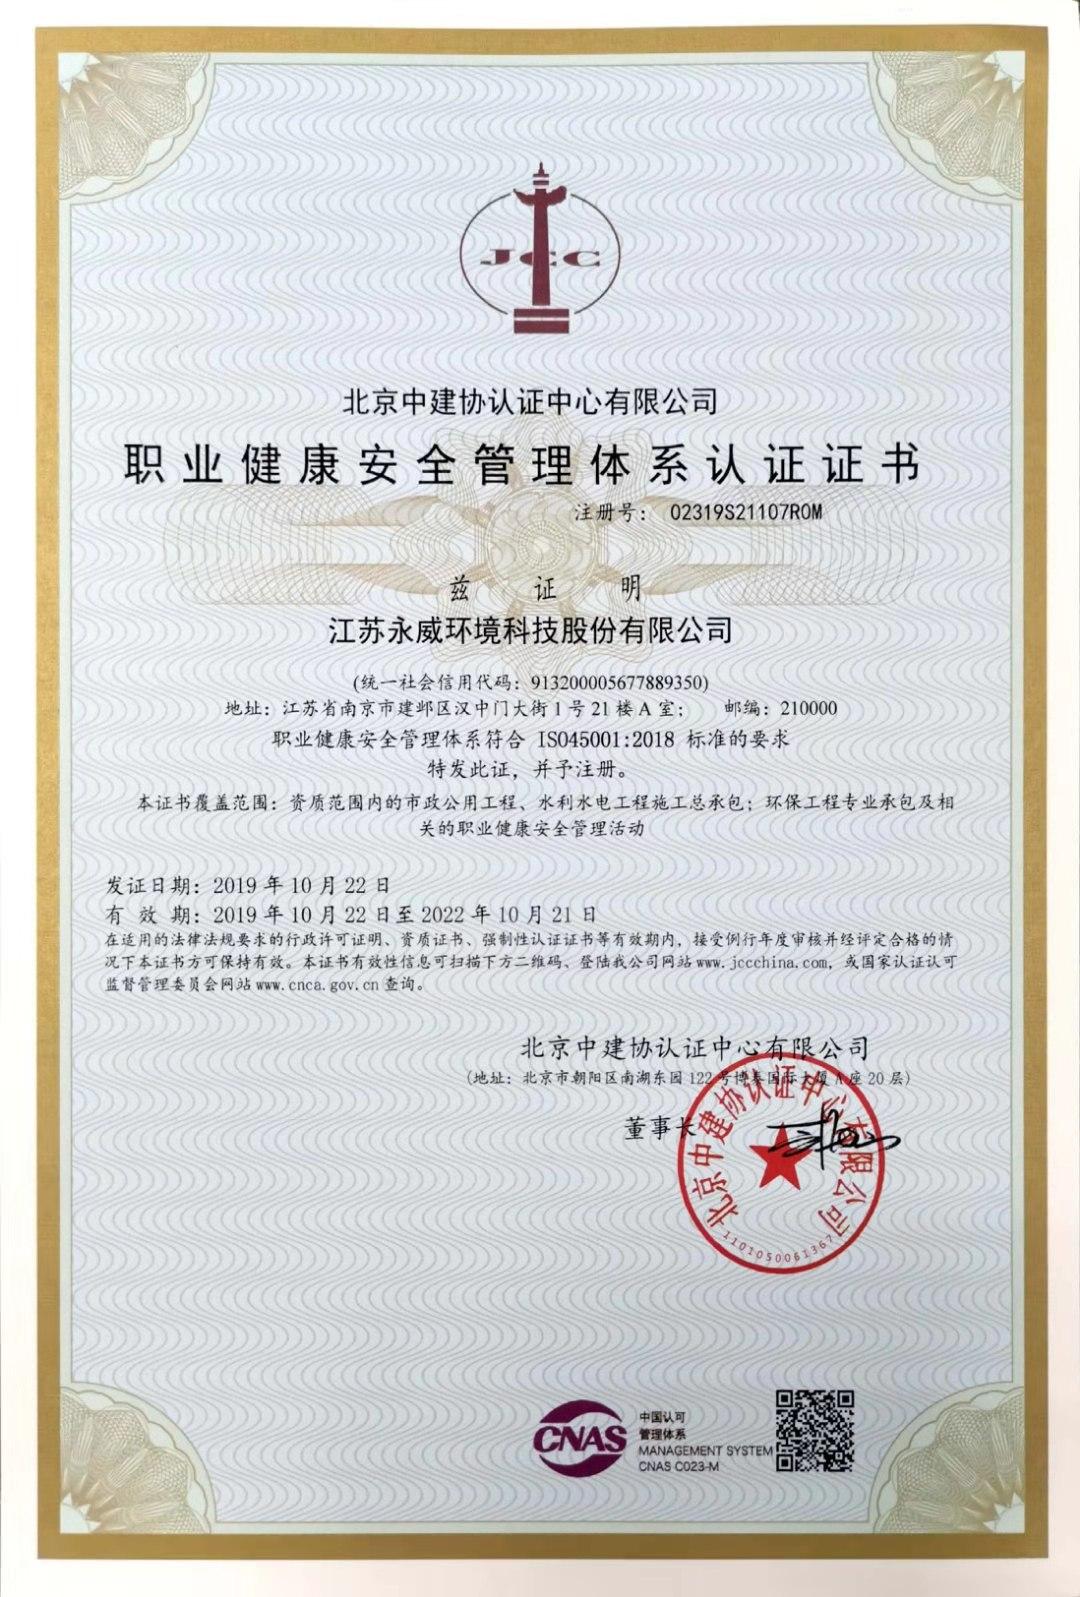 职业健康安全管理认证体系